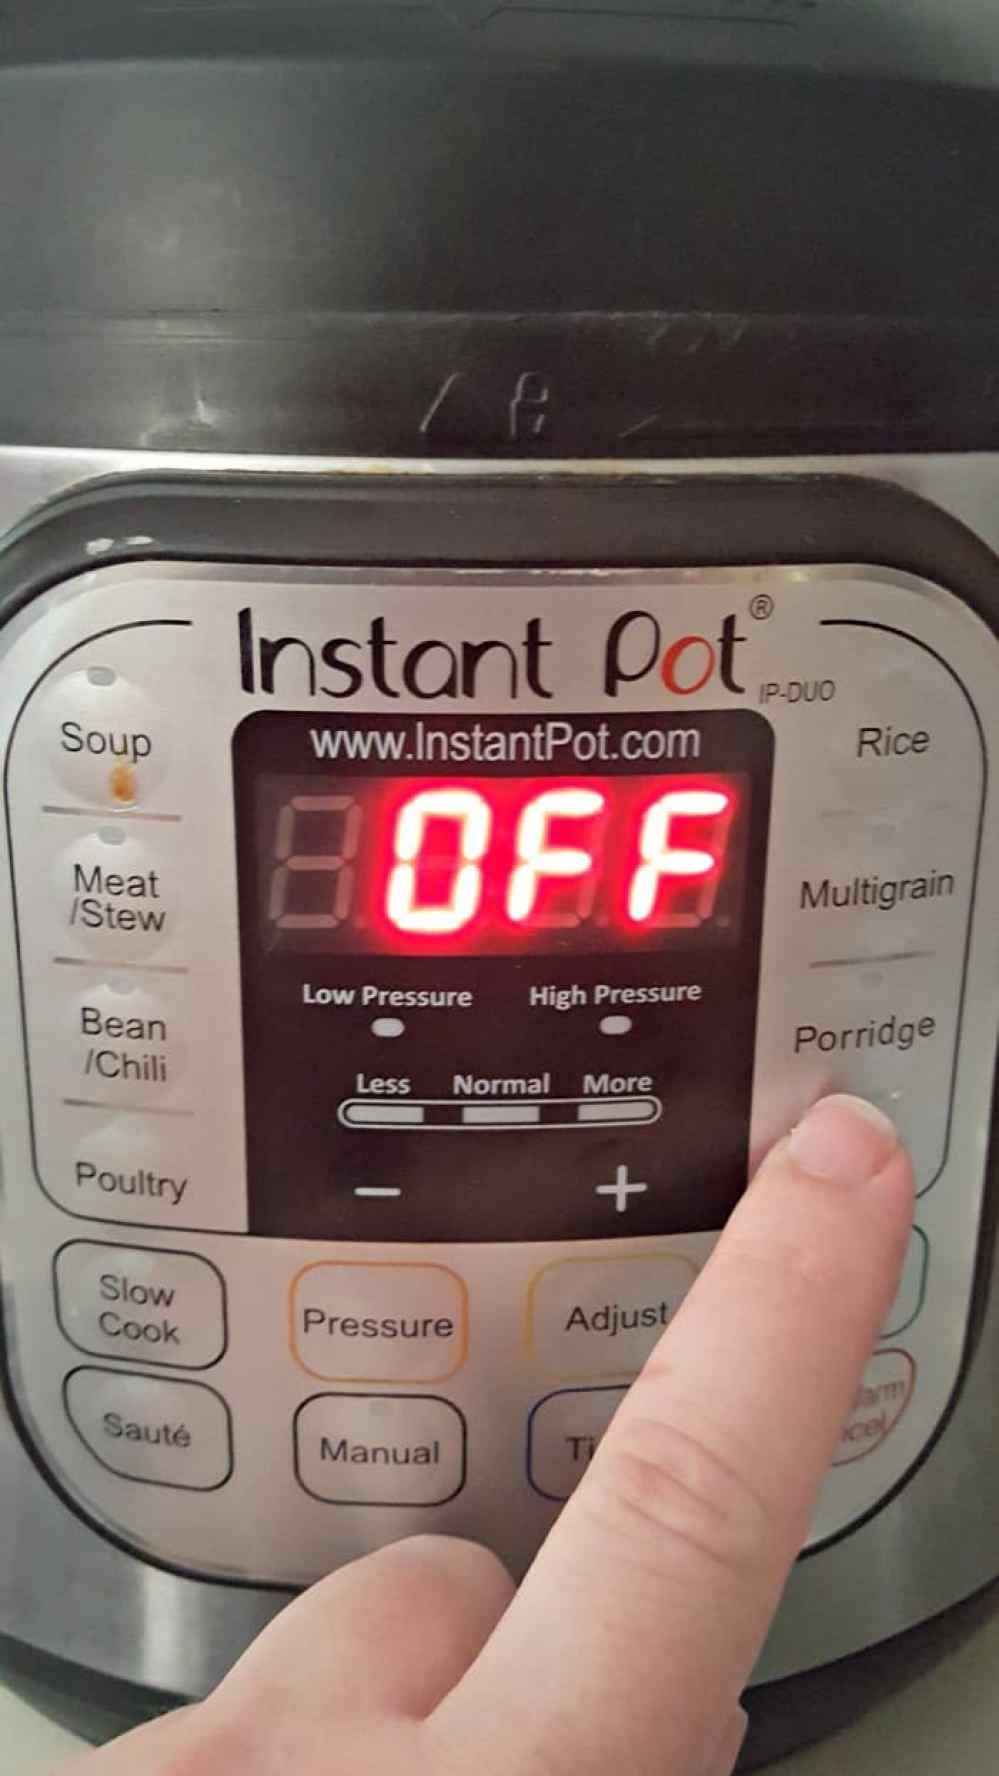 instant pot rice pudding (arroz con leche) press the porridge button